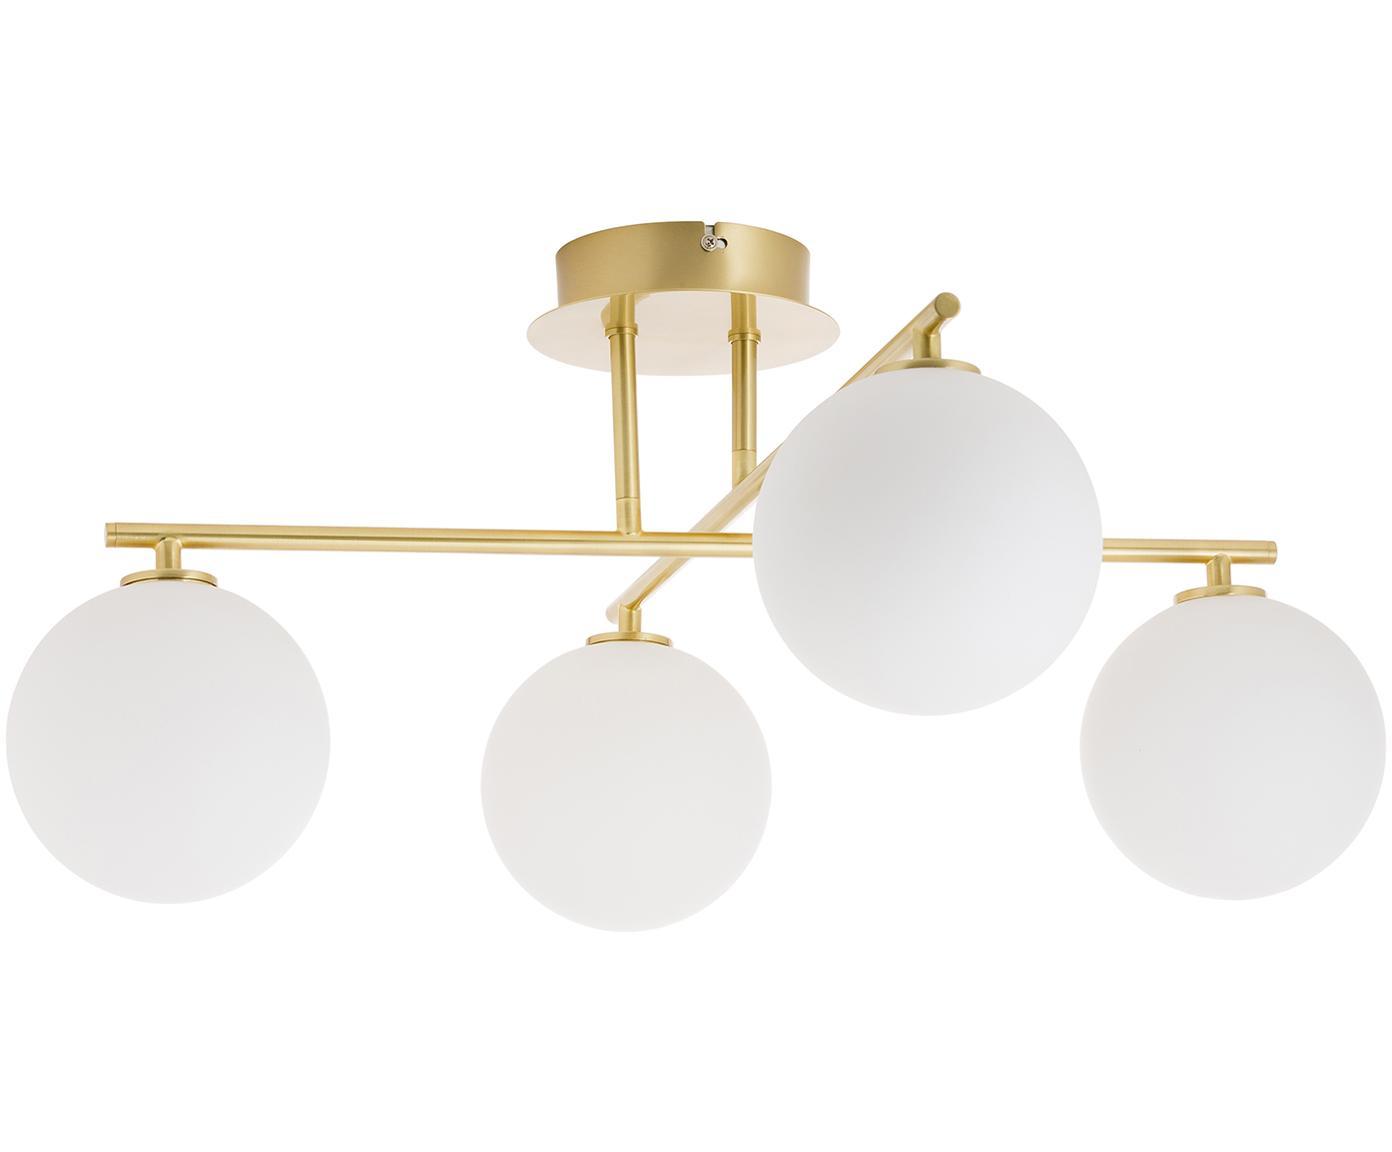 Deckenleuchte Atlanta in Gold, drehbar, Baldachin: Metall, vermessingt, Weiss, Messing, 65 x 30 cm